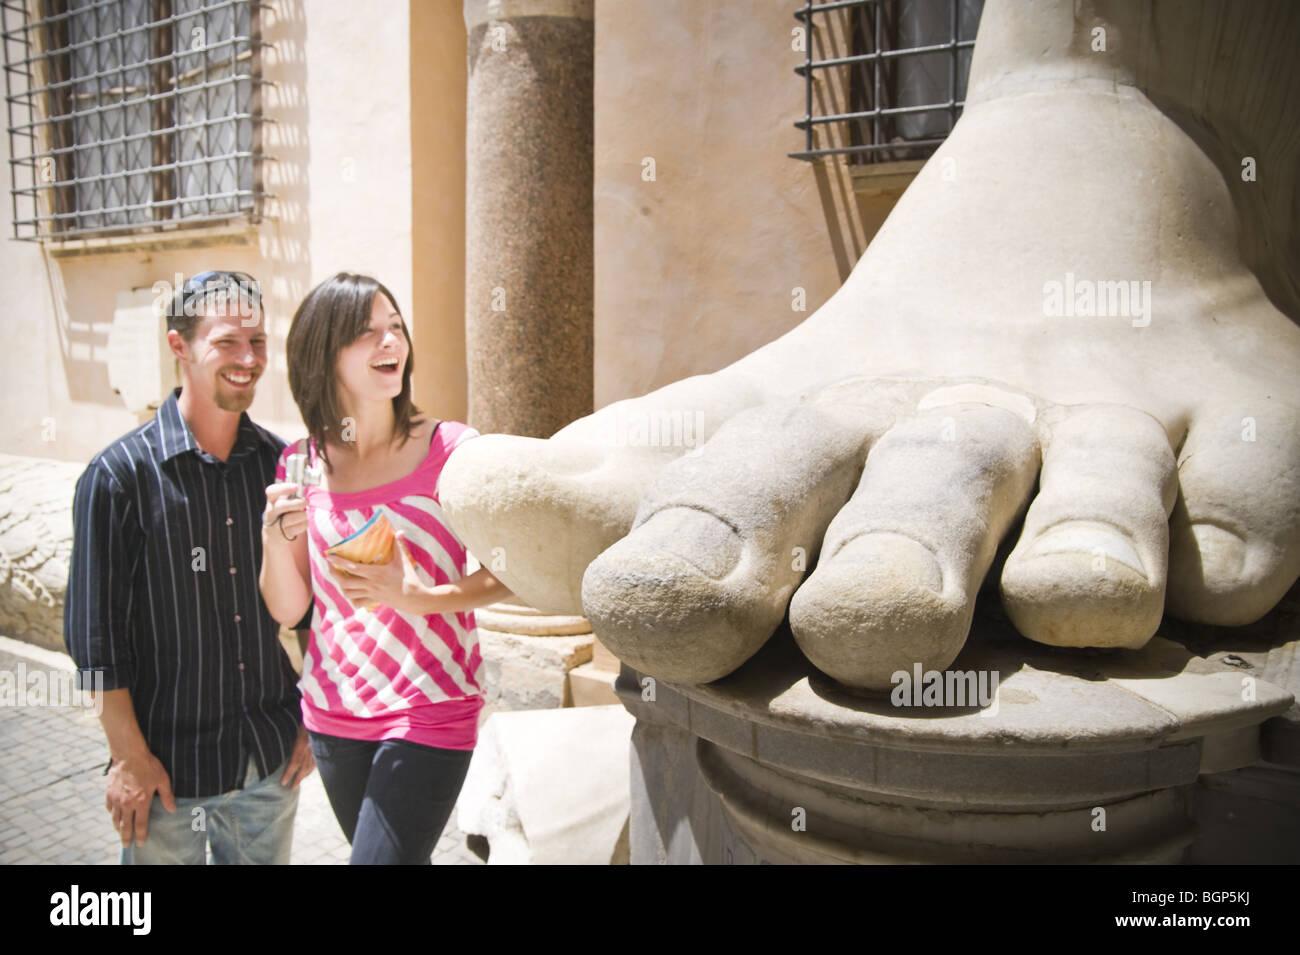 Junges Paar auf der Suche auf freiem Fuß-Statue im Kapitolinischen Museum in Stockbild